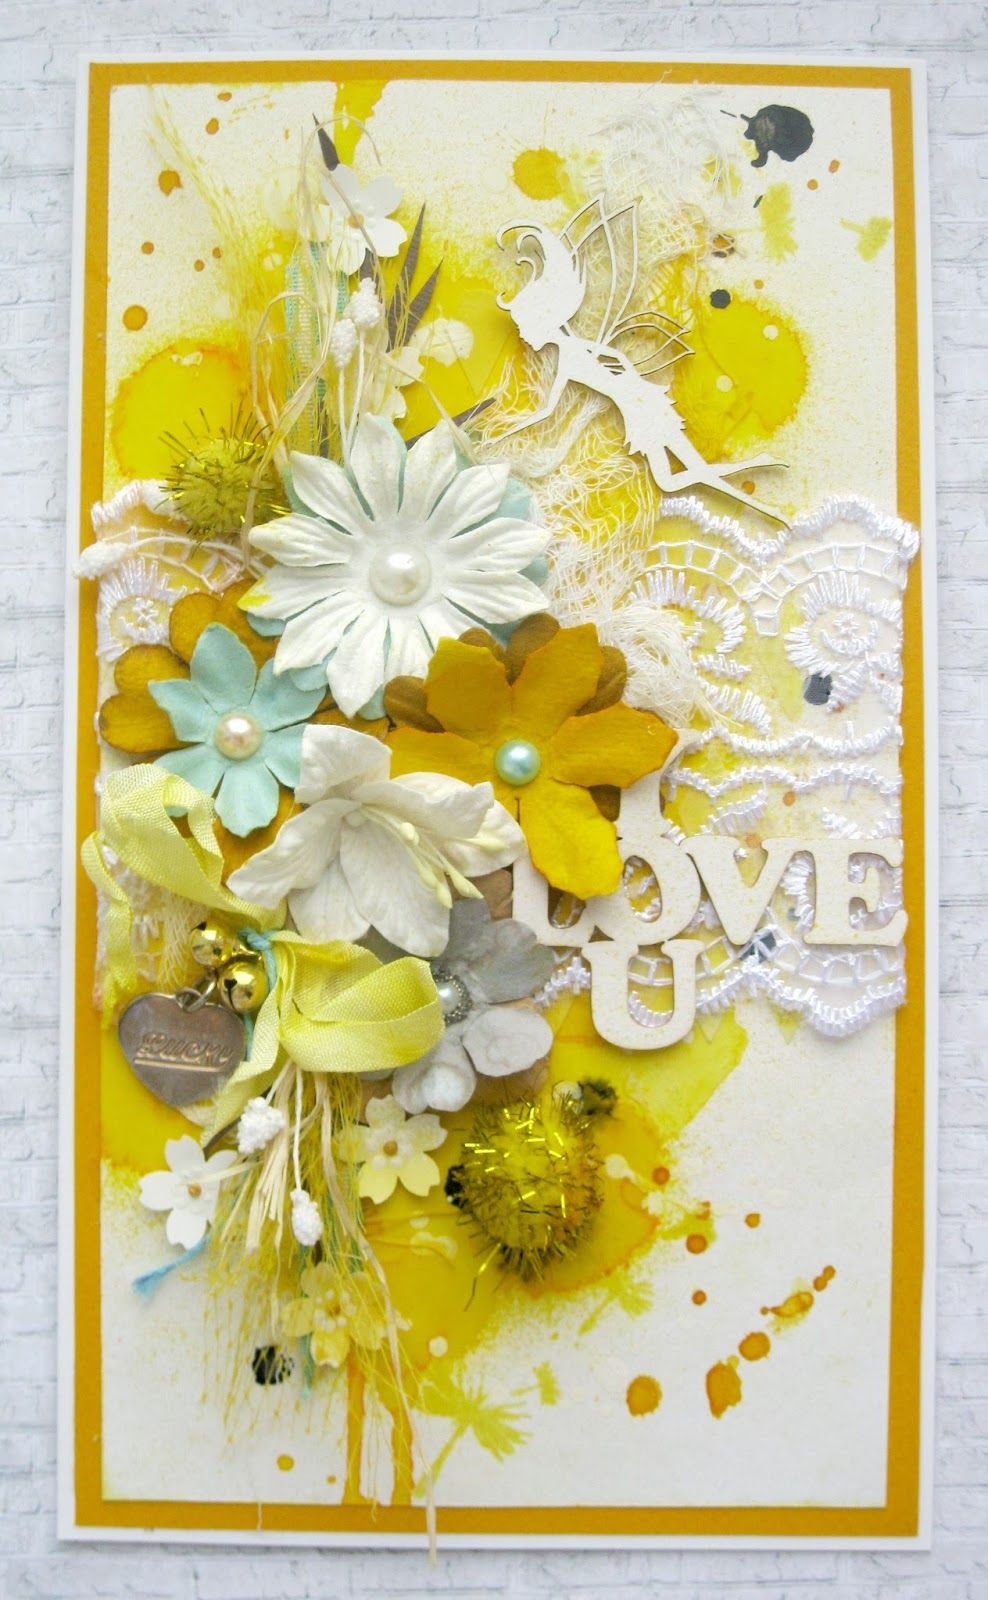 Материализация снов: Желтое цветочное